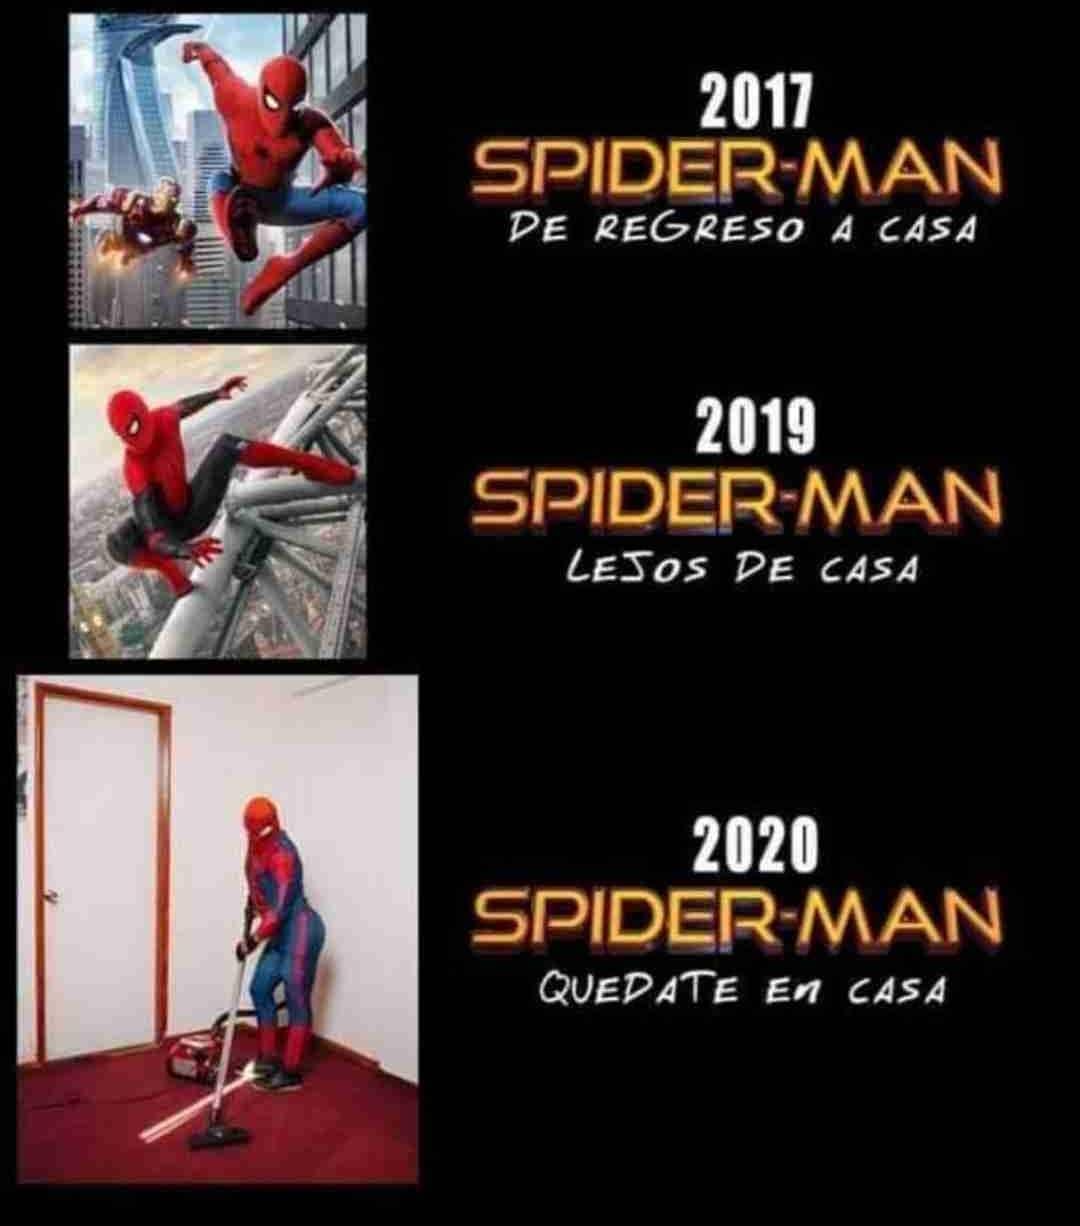 2017 Spider-Man de regreso a casa.  2019 Spider-Man lejos de casa.  2020 Spider-Man quédate en casa.